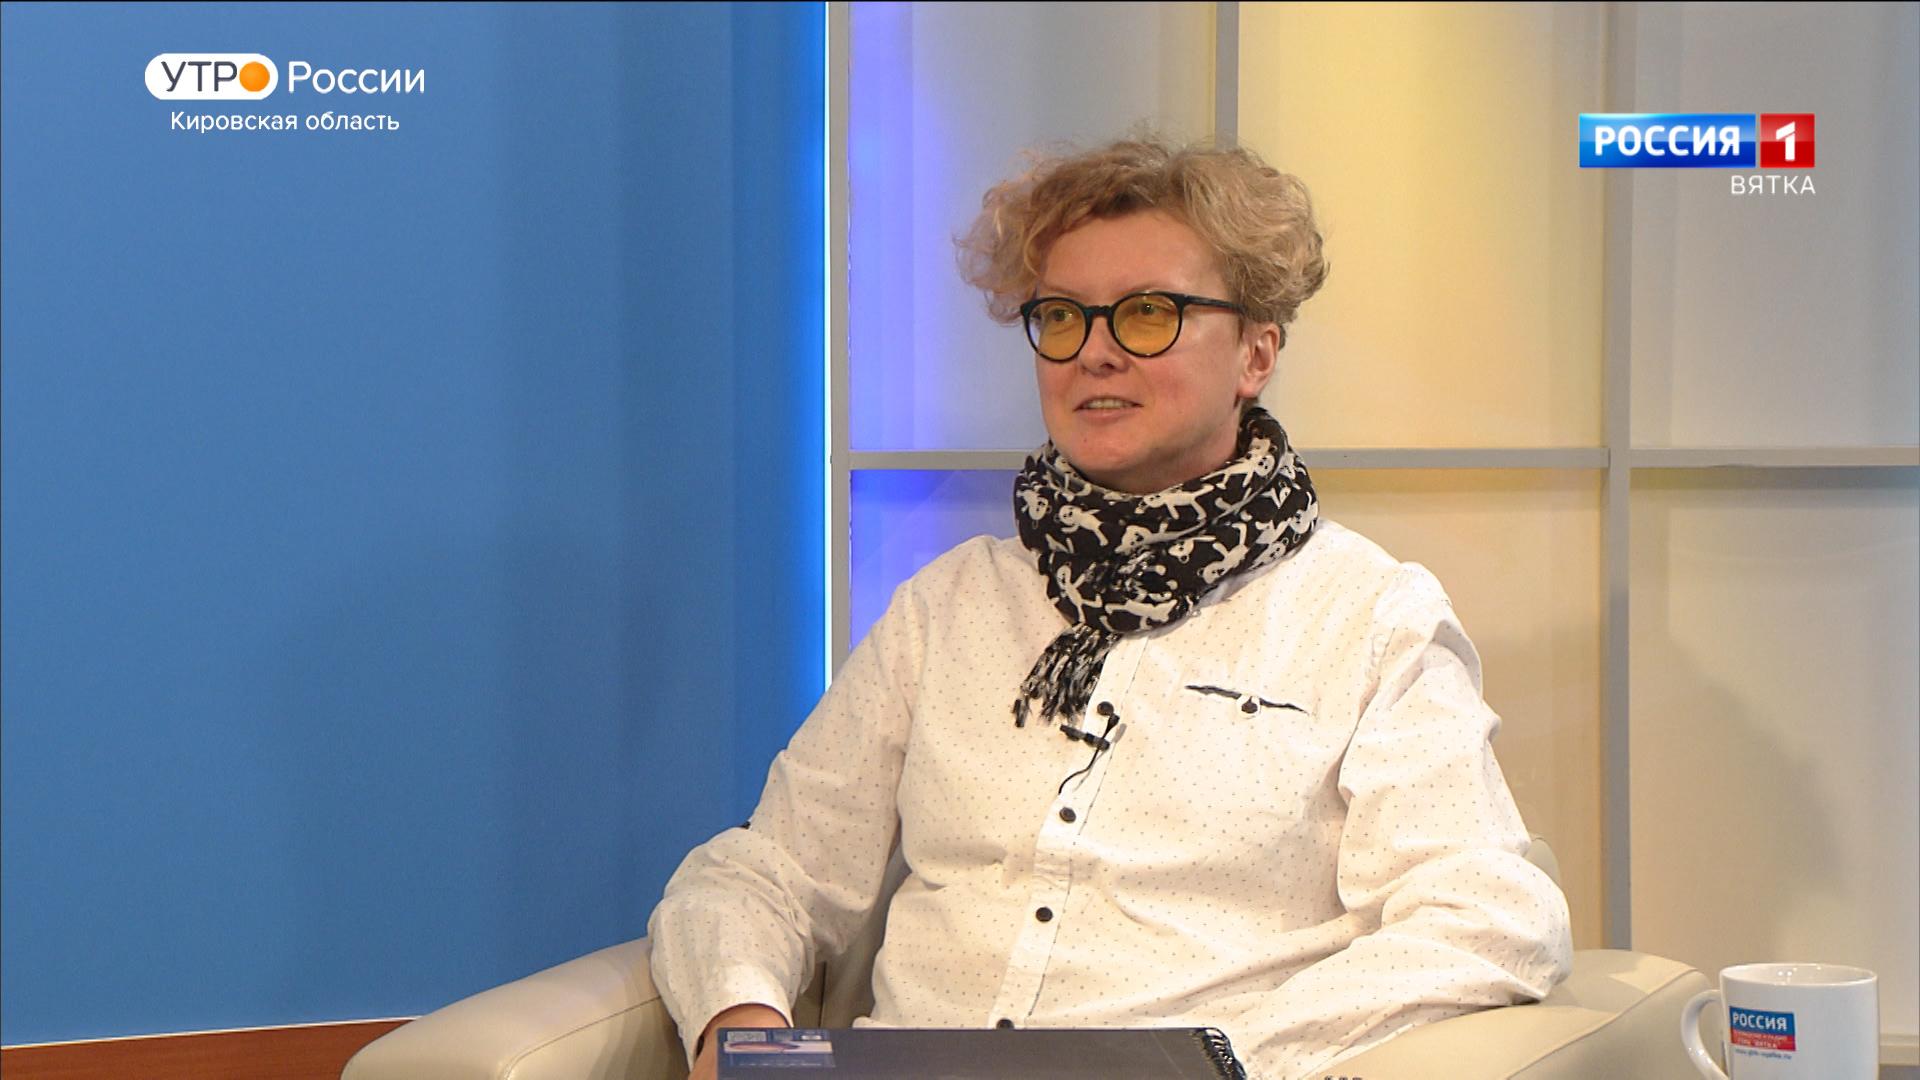 Интервью с художником Еленой Авиновой (18.10.2021)